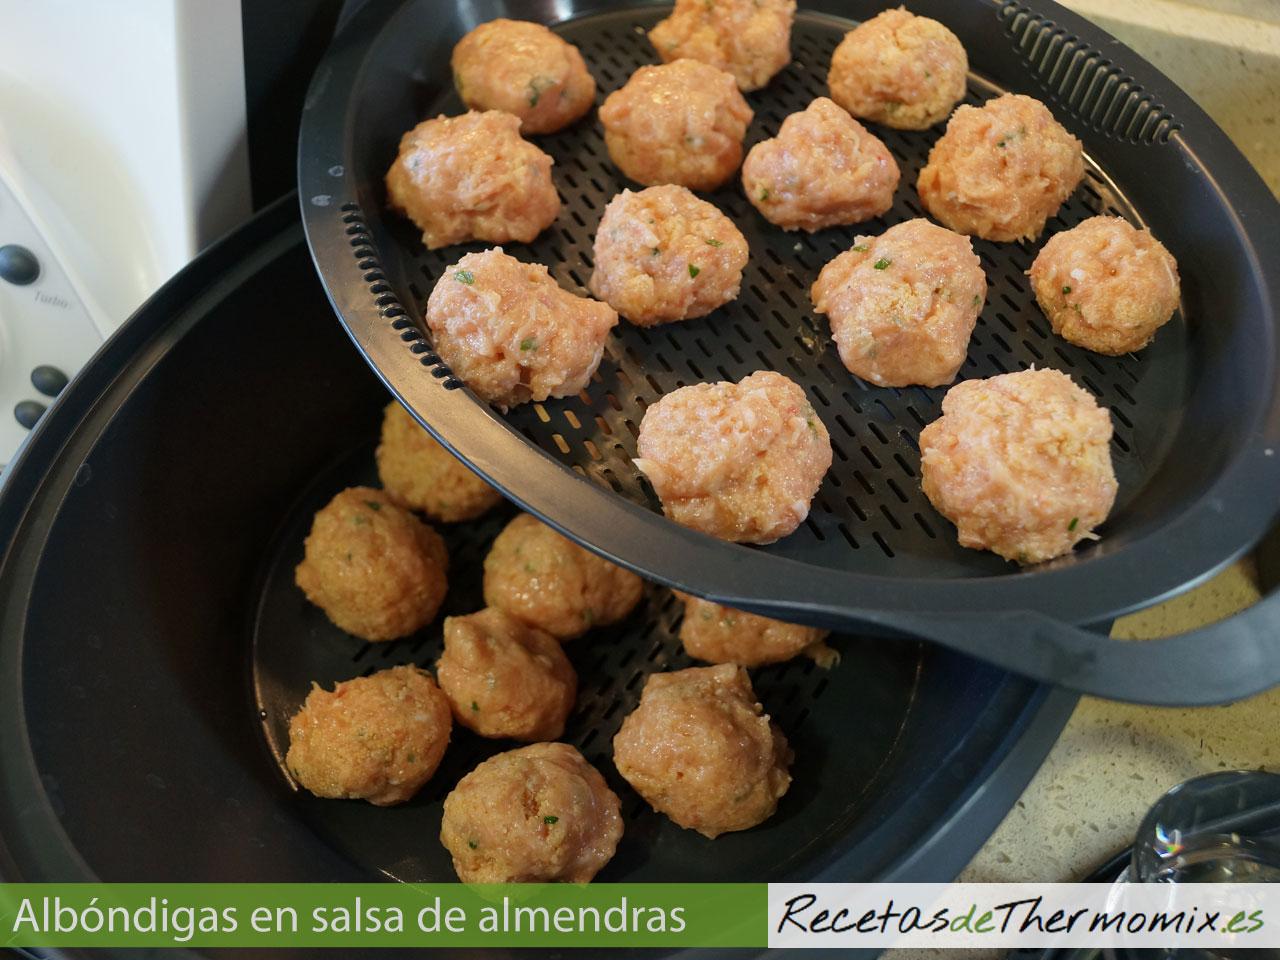 Cómo hacer albóndigas con salsa de almendras en Thermomix